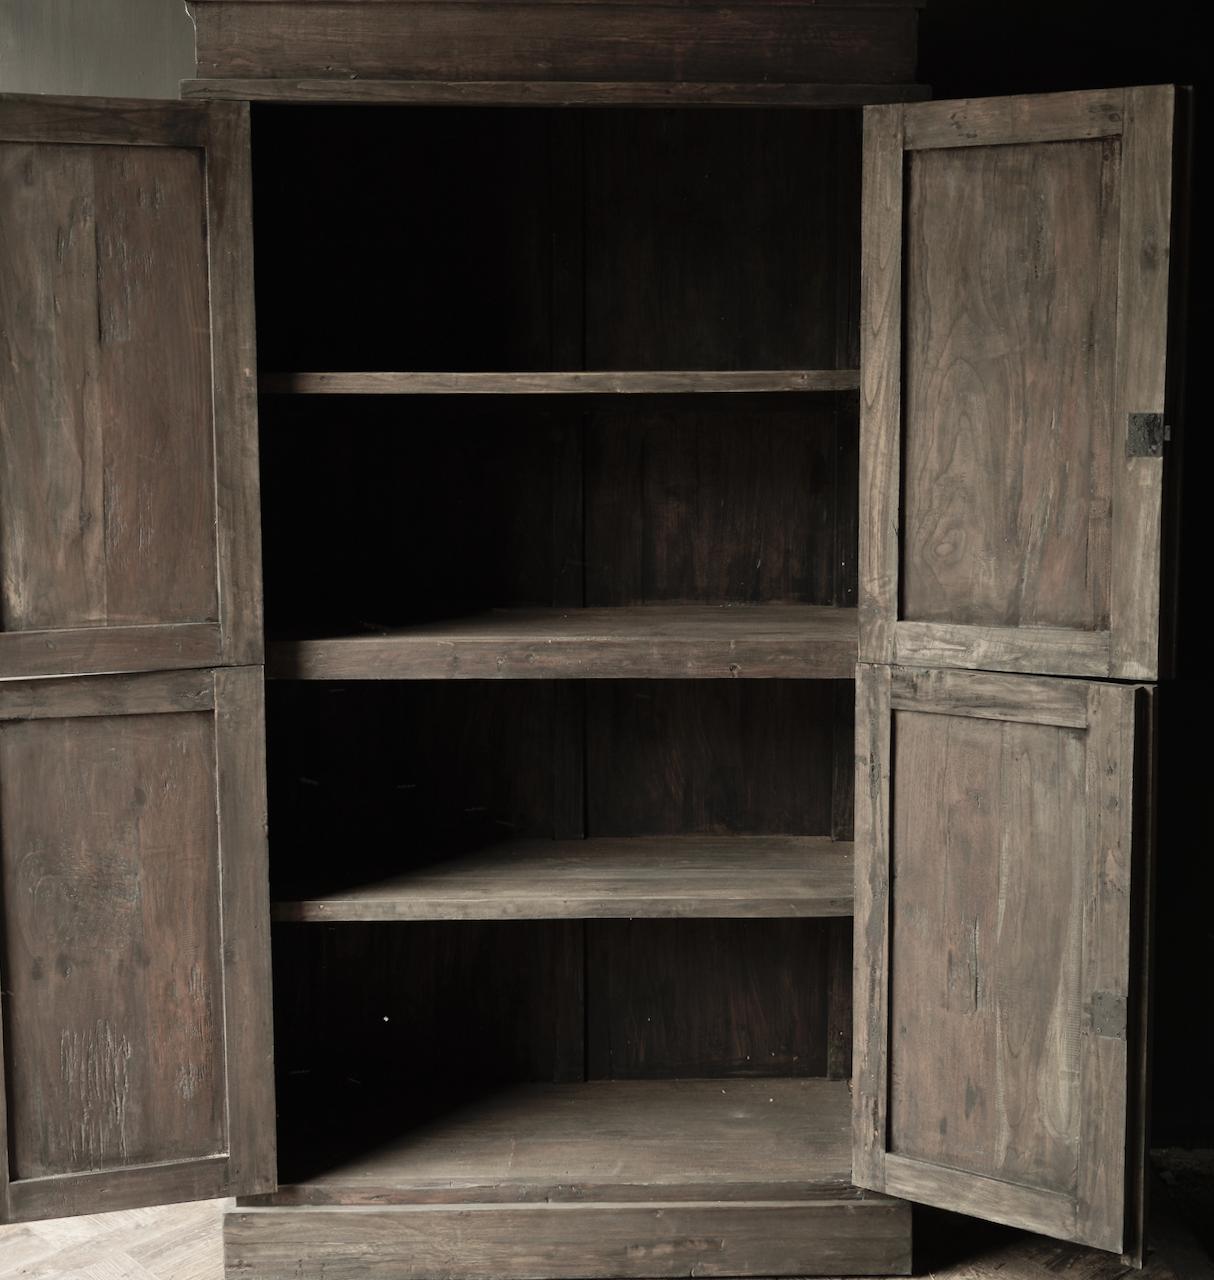 Schöner Tough Rural alter Holzschrank vier Türen-8